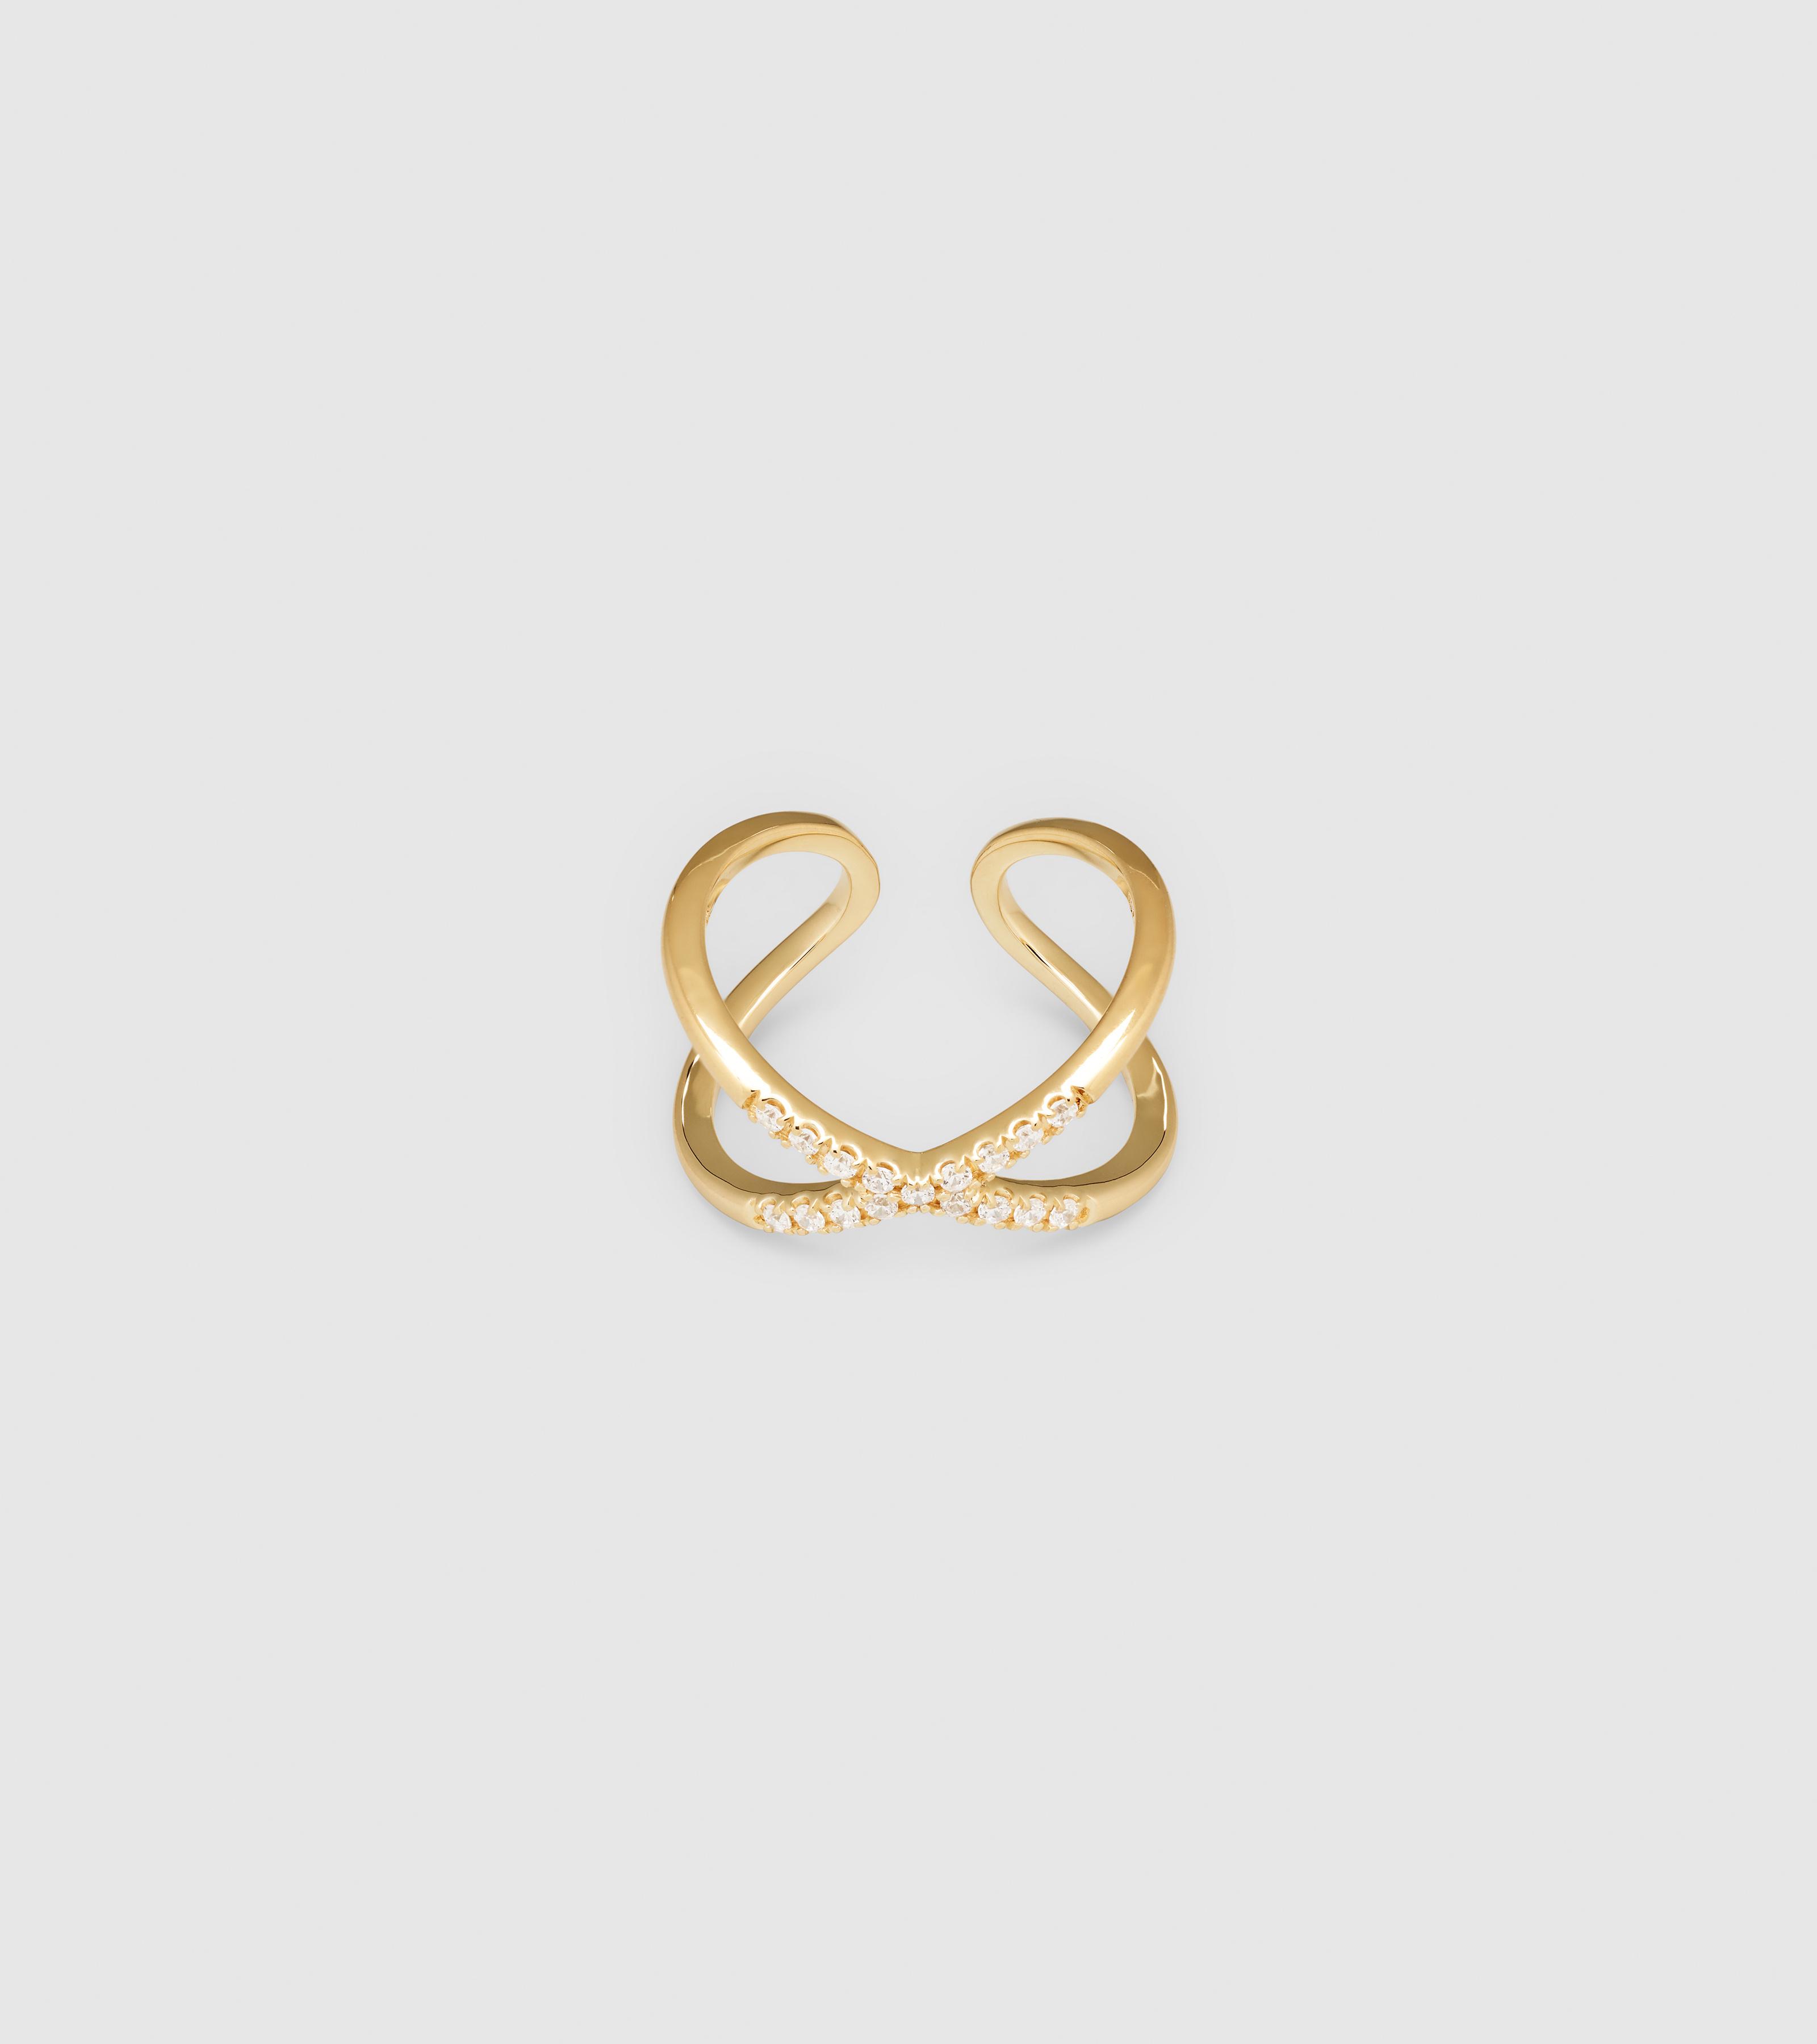 X Ring Zirconia Gold